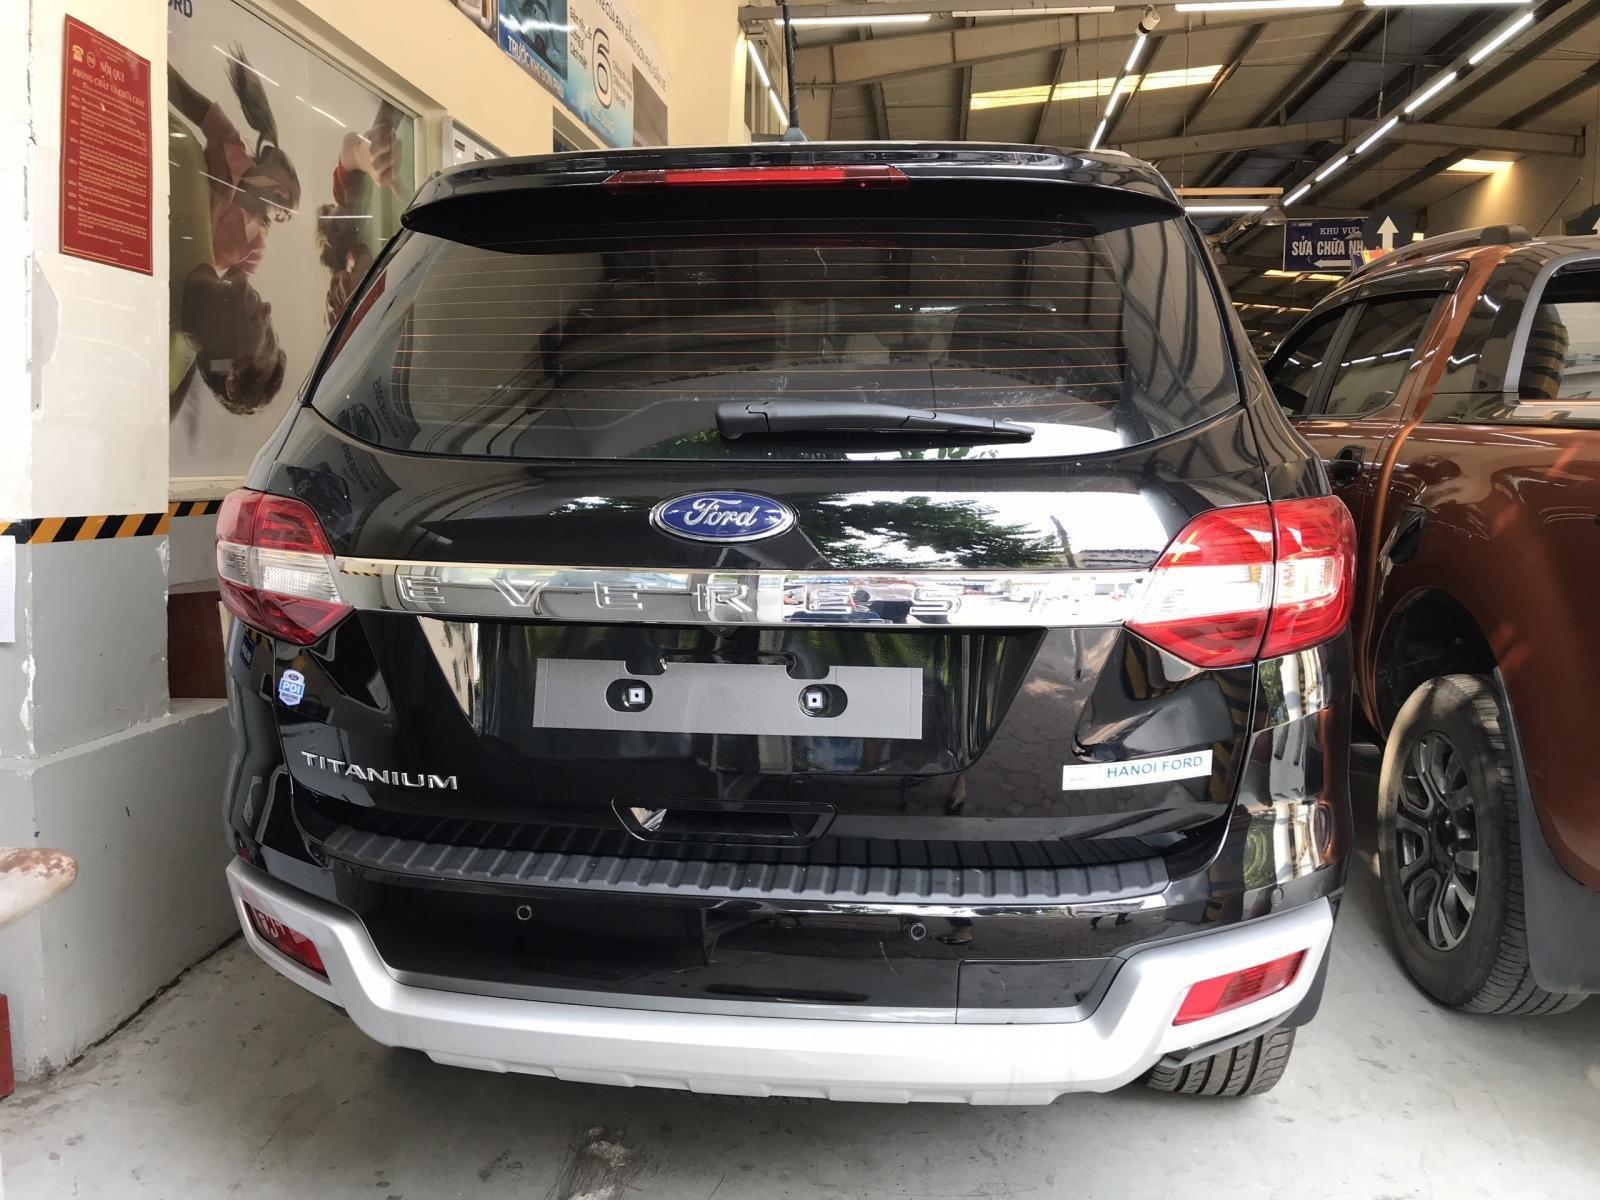 Ford Everest 4x2 Titanium, Bi-Turbo 2019 tặng BHVC phụ kiện, giao xe toàn quốc - Liên hệ ép giá: 0934.696.466 (7)